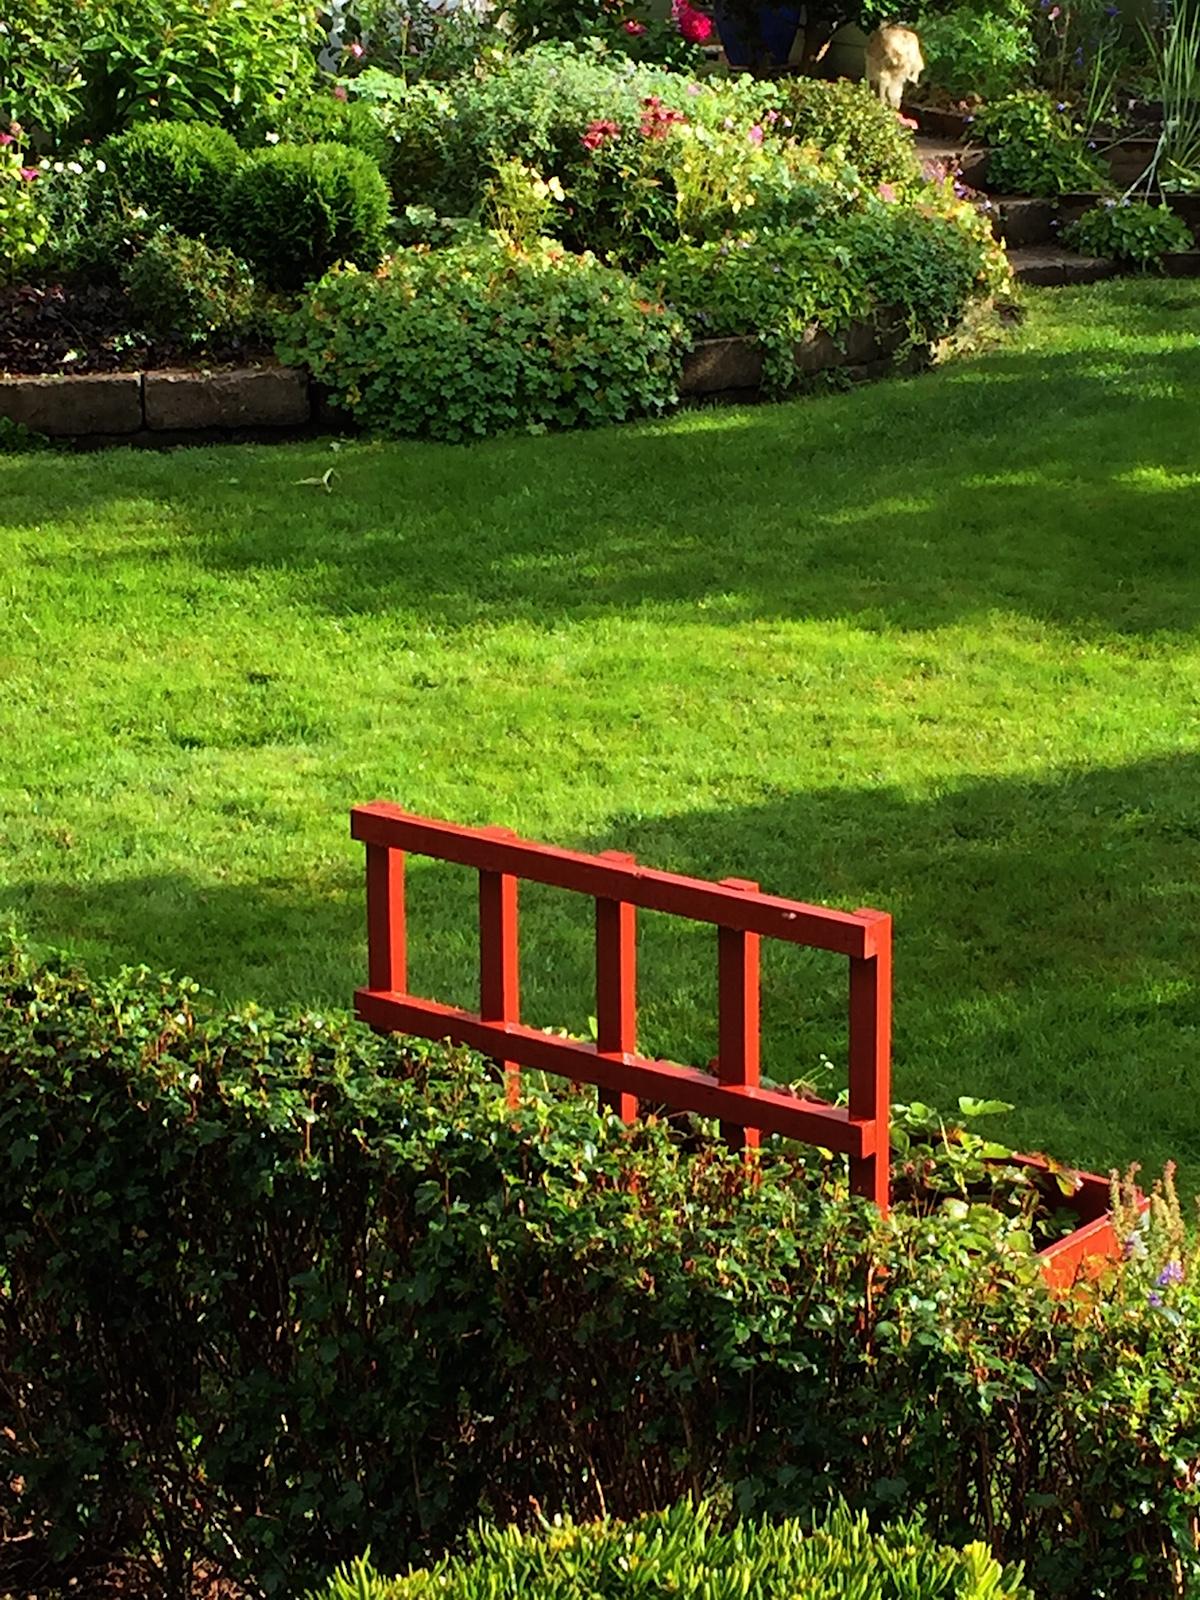 Luna Eks trädgårdsblogg - Sida 3 av 67 - trädgård, trädgårdsdesign ...